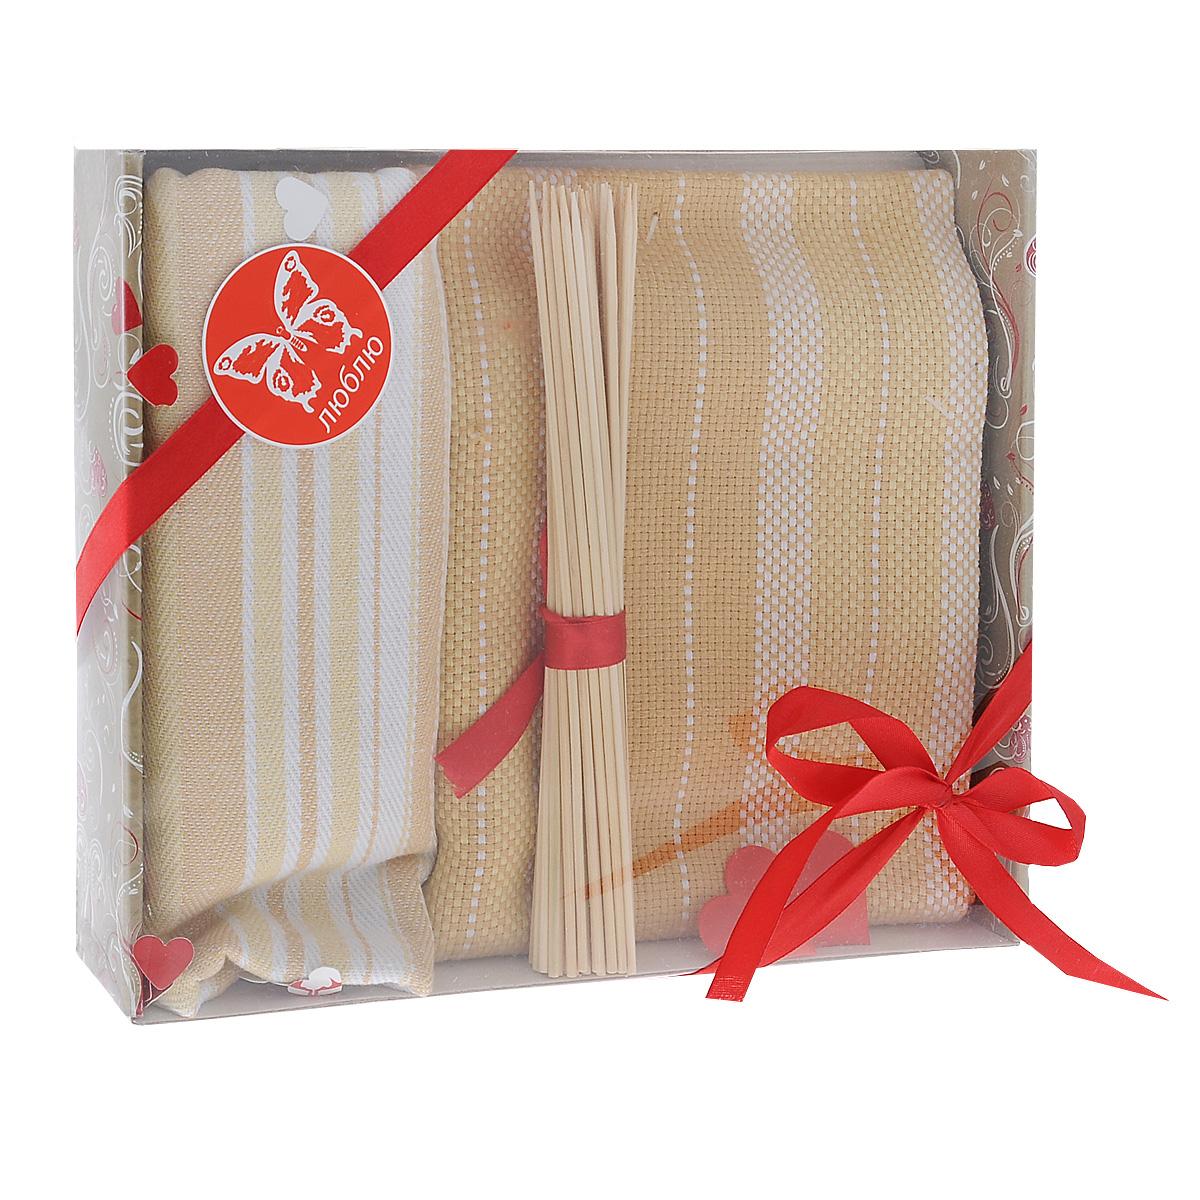 Подарочный набор для кухни Bonita Домашний уют. Полоска, цвет: бежевый, 3 предмета. 10121159107450-100Подарочный набор для кухни Bonita Домашний уют. Полоска состоит из двух жаккардовых полотенец и комплекта бамбуковых шпажек. Полотенца выполнены из 100% хлопка и декорированы рисунком в полоску. Такой набор оригинально украсит интерьер и будет уместен на любой кухне. Прекрасно подойдет в качестве подарка, который окажется не только приятным, но и полезным в хозяйстве. Набор упакован в подарочную коробку.Размер полотенец: 50 см х 75 см.Длина шпажек: 20 см.